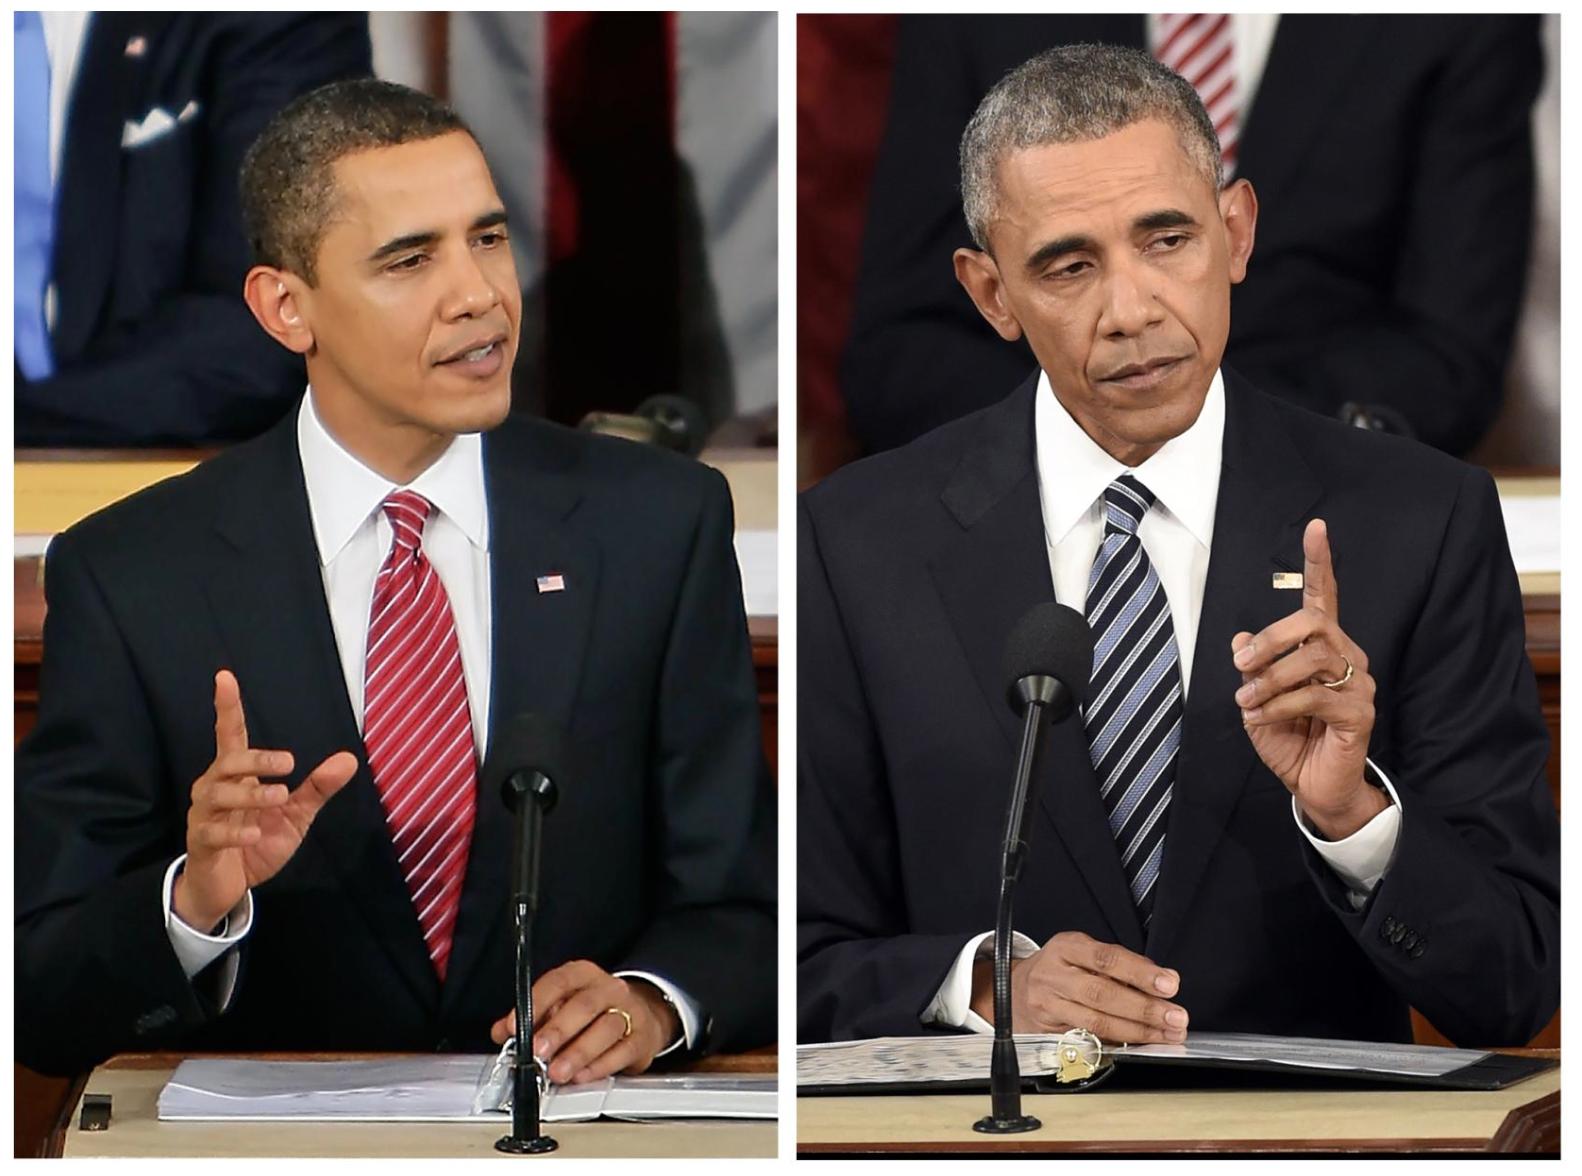 Sau 7 năm ngồi ghế Tổng thống, Obama đã thay đổi đến thế nào? - Ảnh 1.